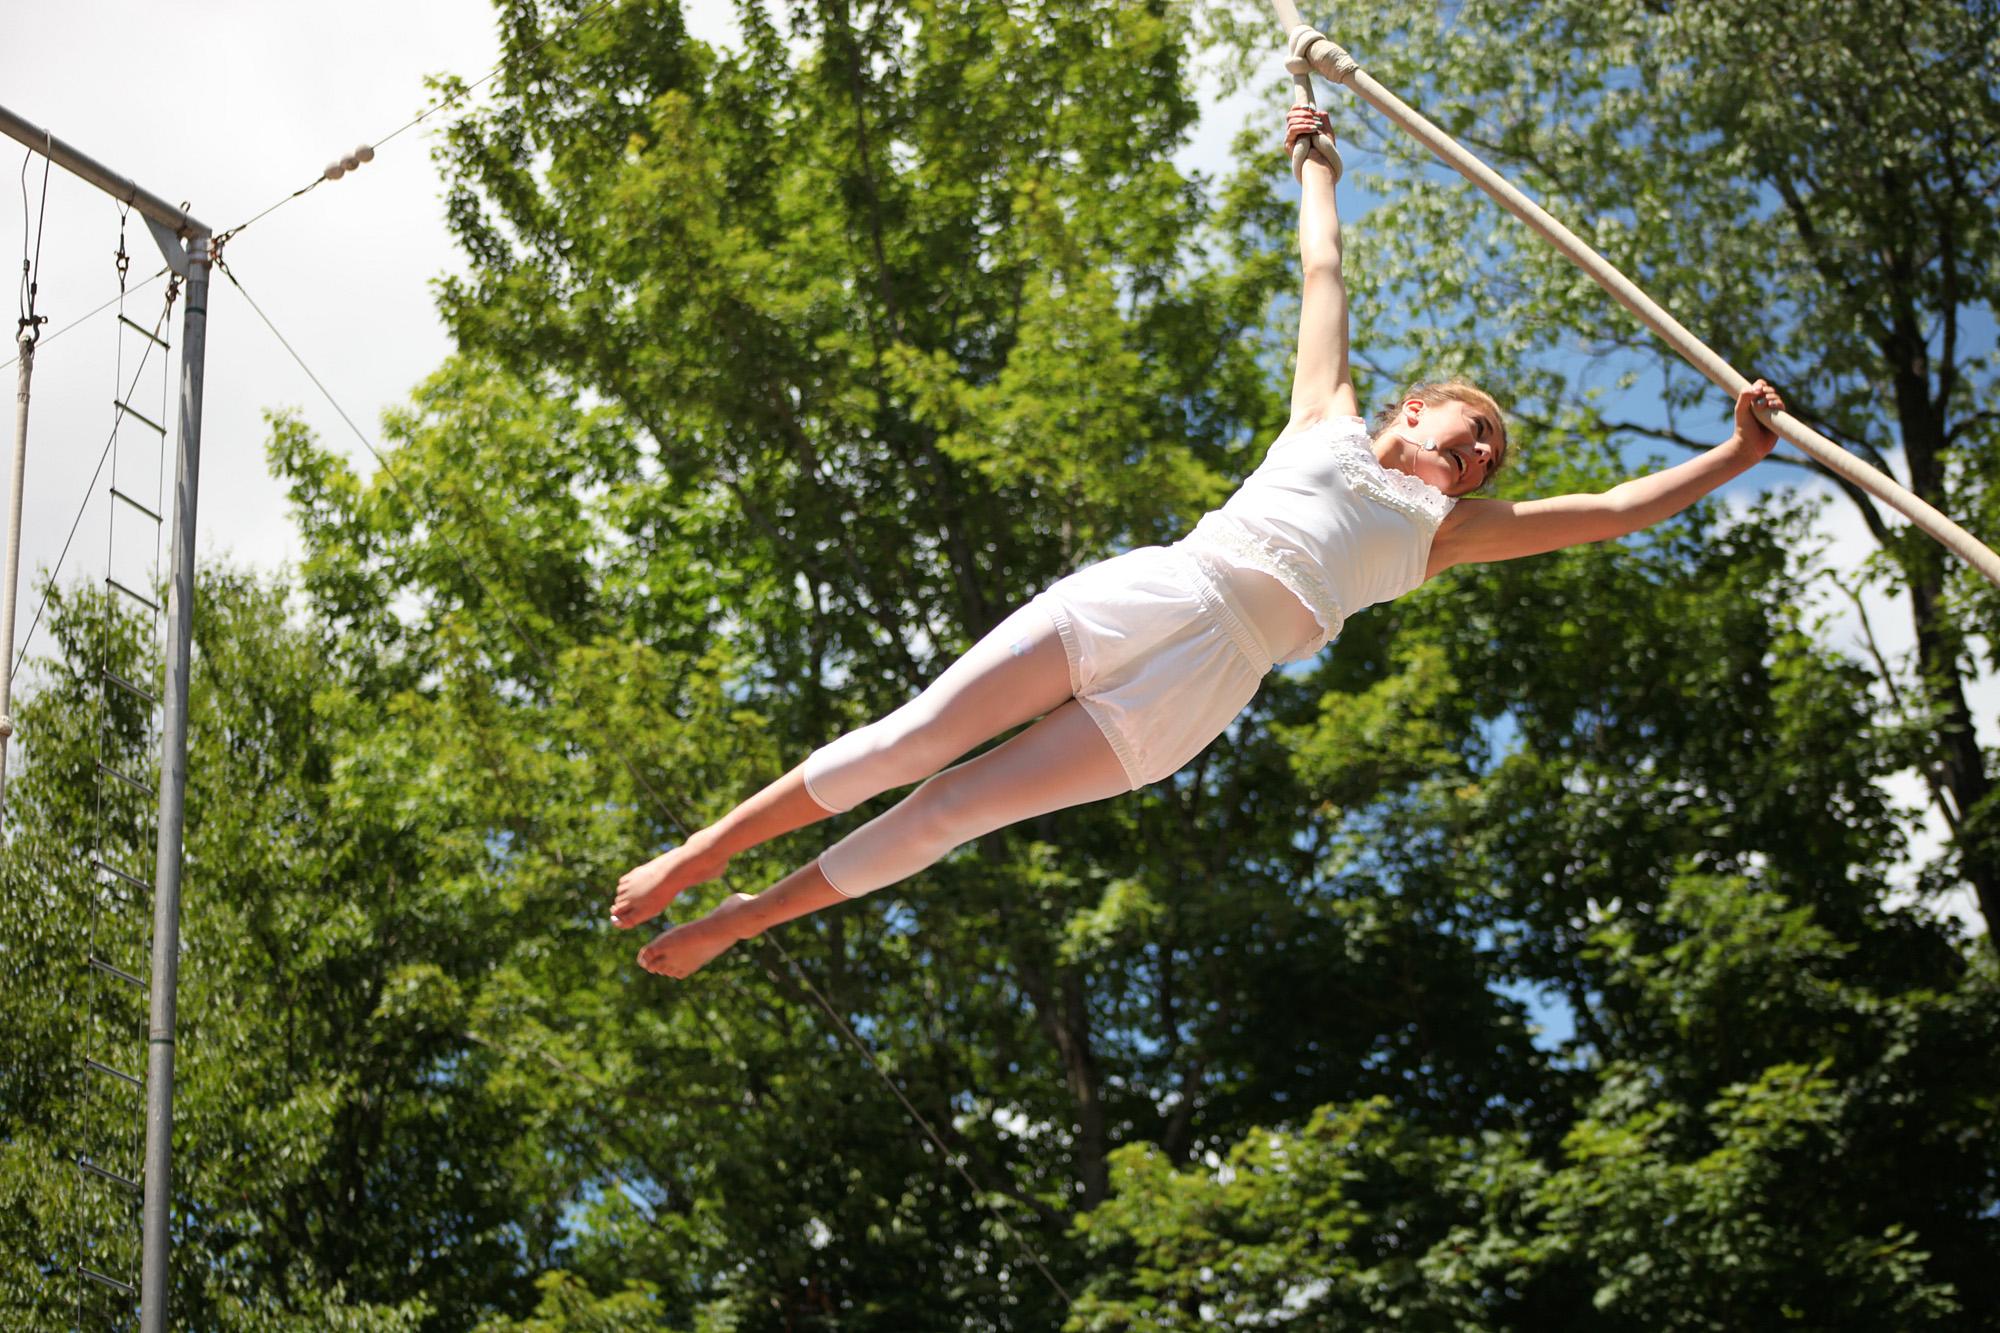 circus_camp_rope